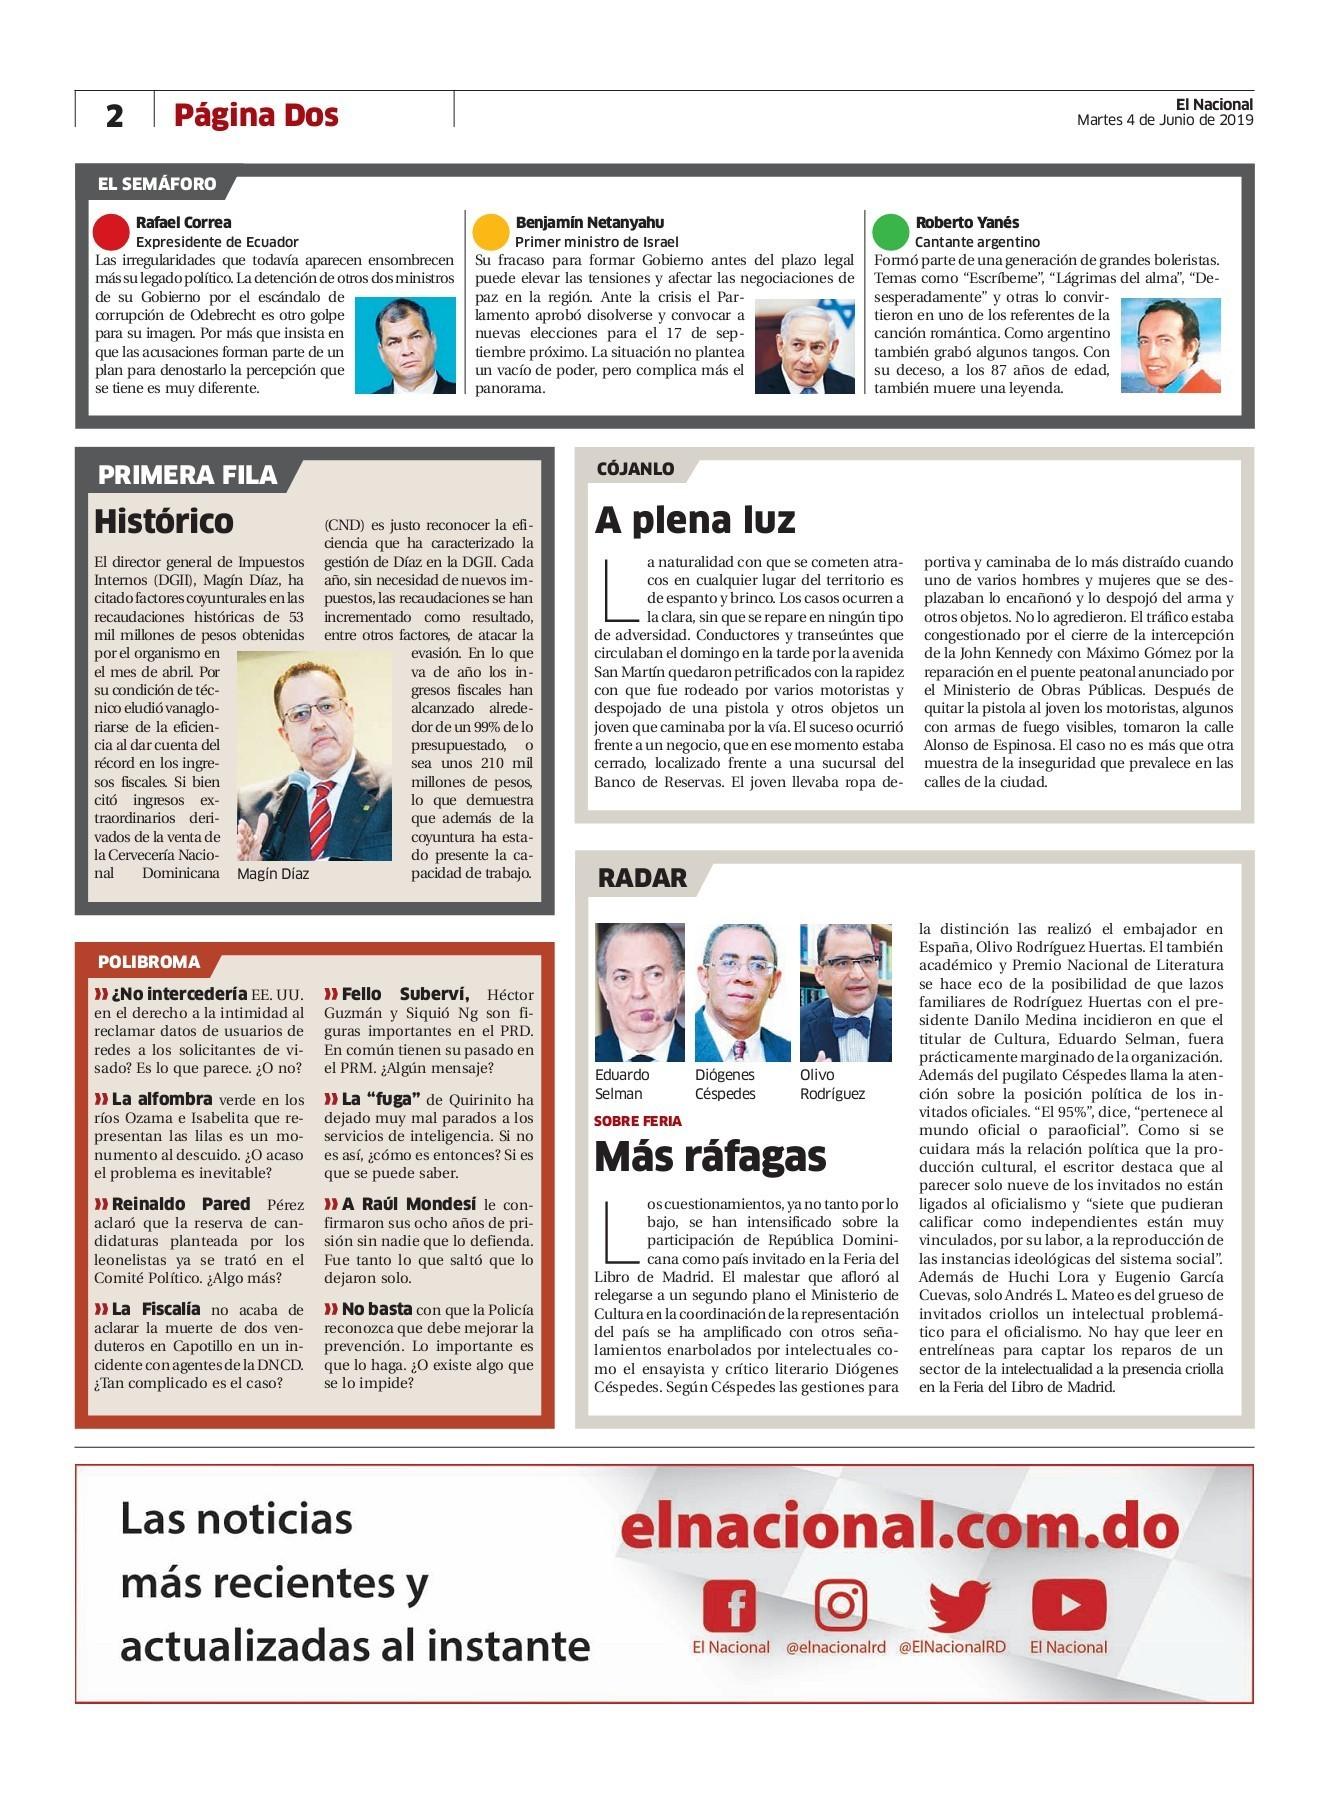 Calendario 2019 formula 1 Horio Argentino En toronto Más Recientes Impreso 04 Junio 19 Pages 1 32 Text Version